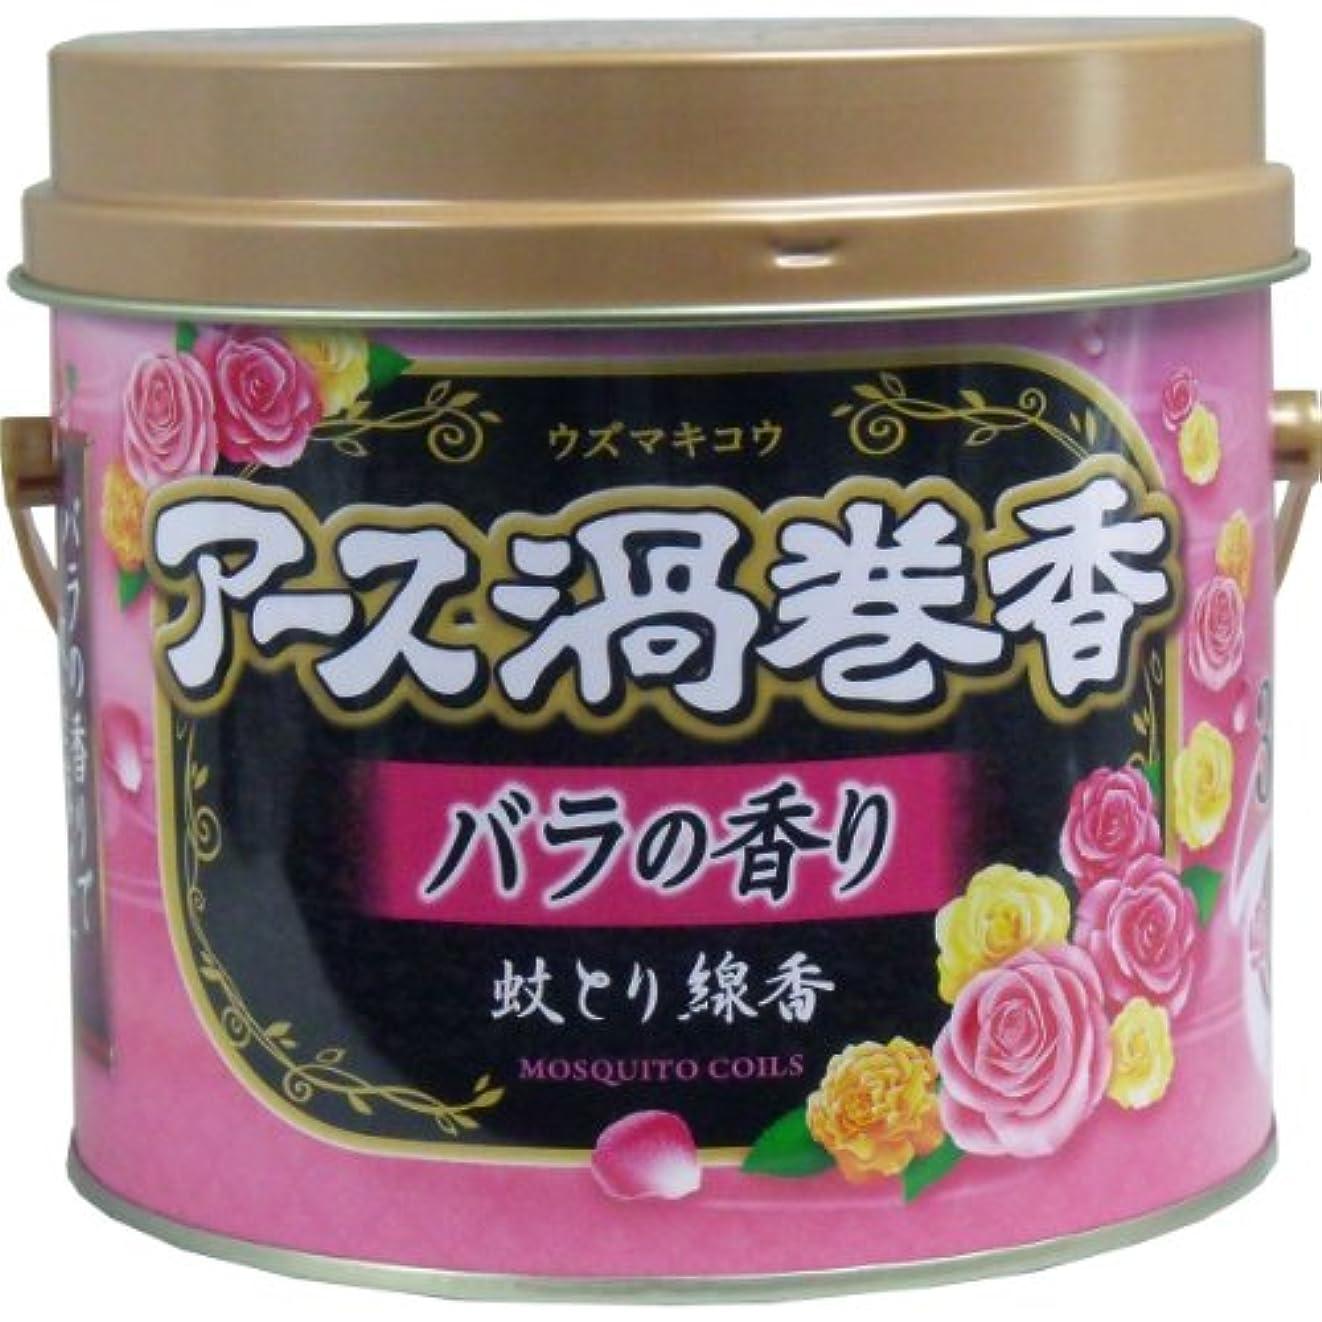 申込み類推薄暗いアース渦巻香 蚊とり線香 バラの香り 30巻 4個セット